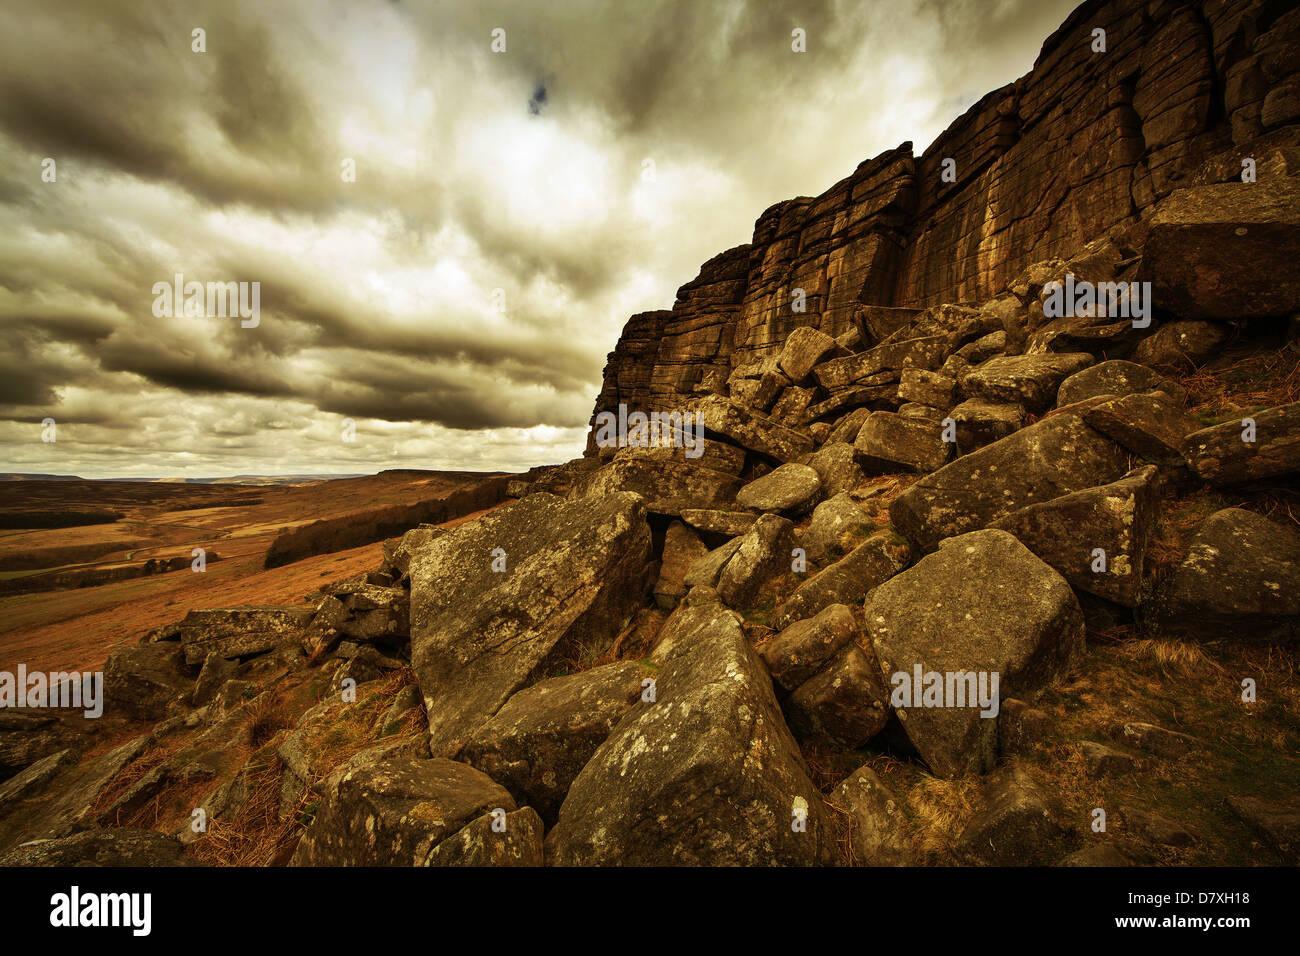 Acantilados de roca borde stanage Derbyshire Peak District Foto de stock